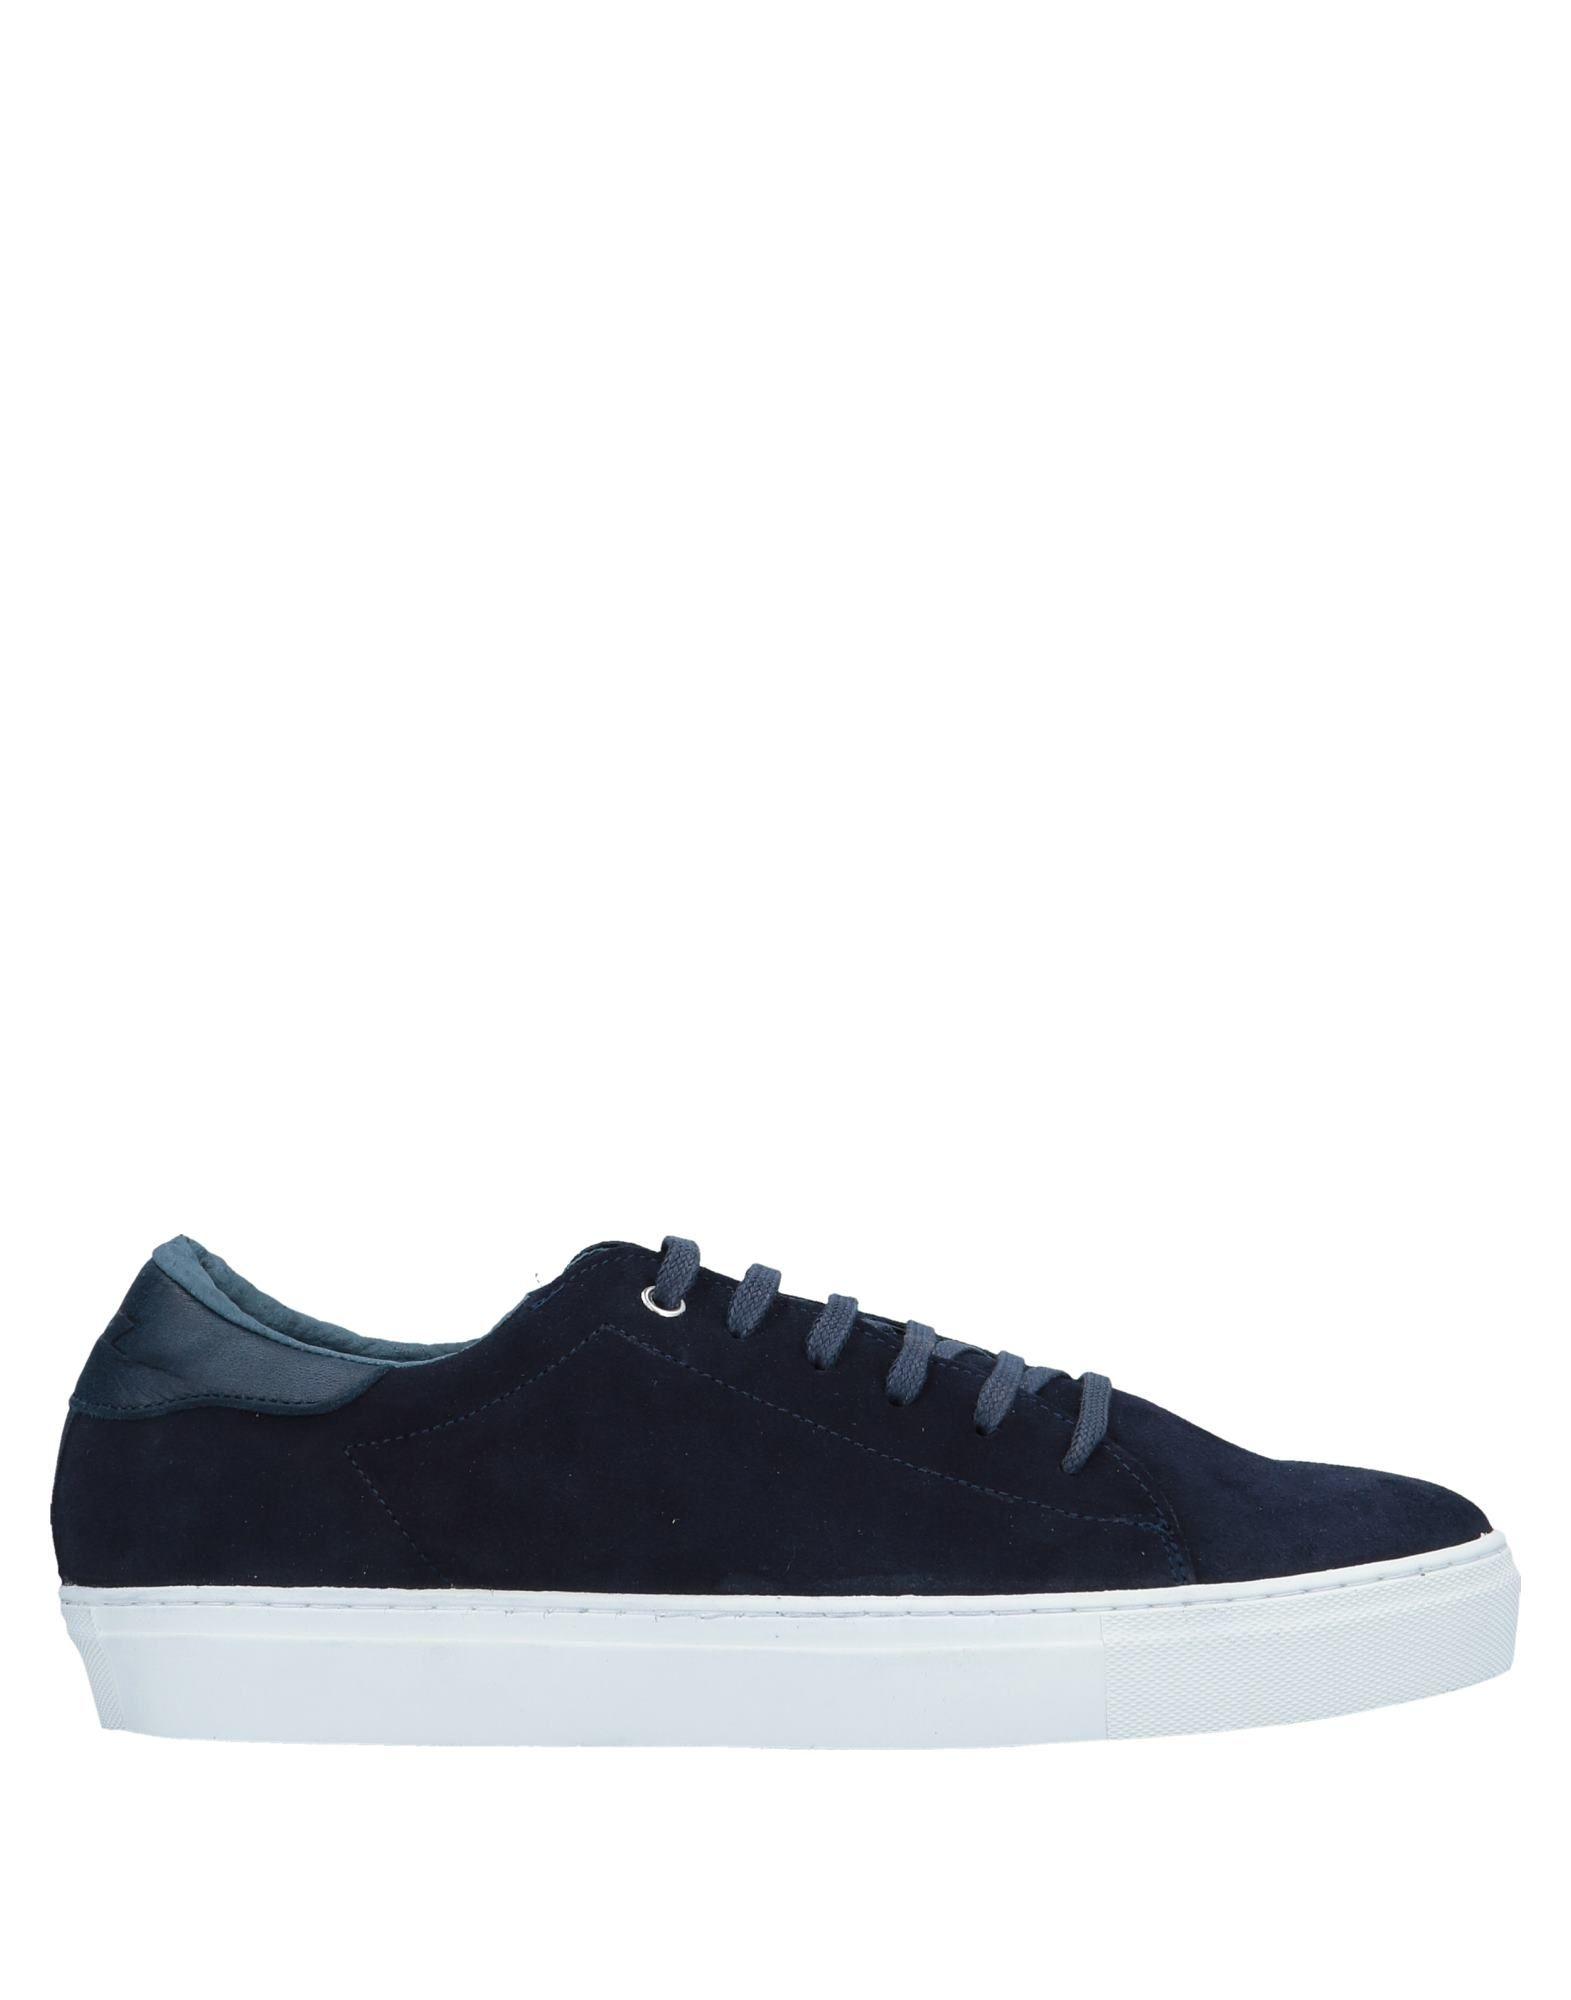 Zapatillas Paez Hombre - Zapatillas Paez  Azul Azul  oscuro 7622ca